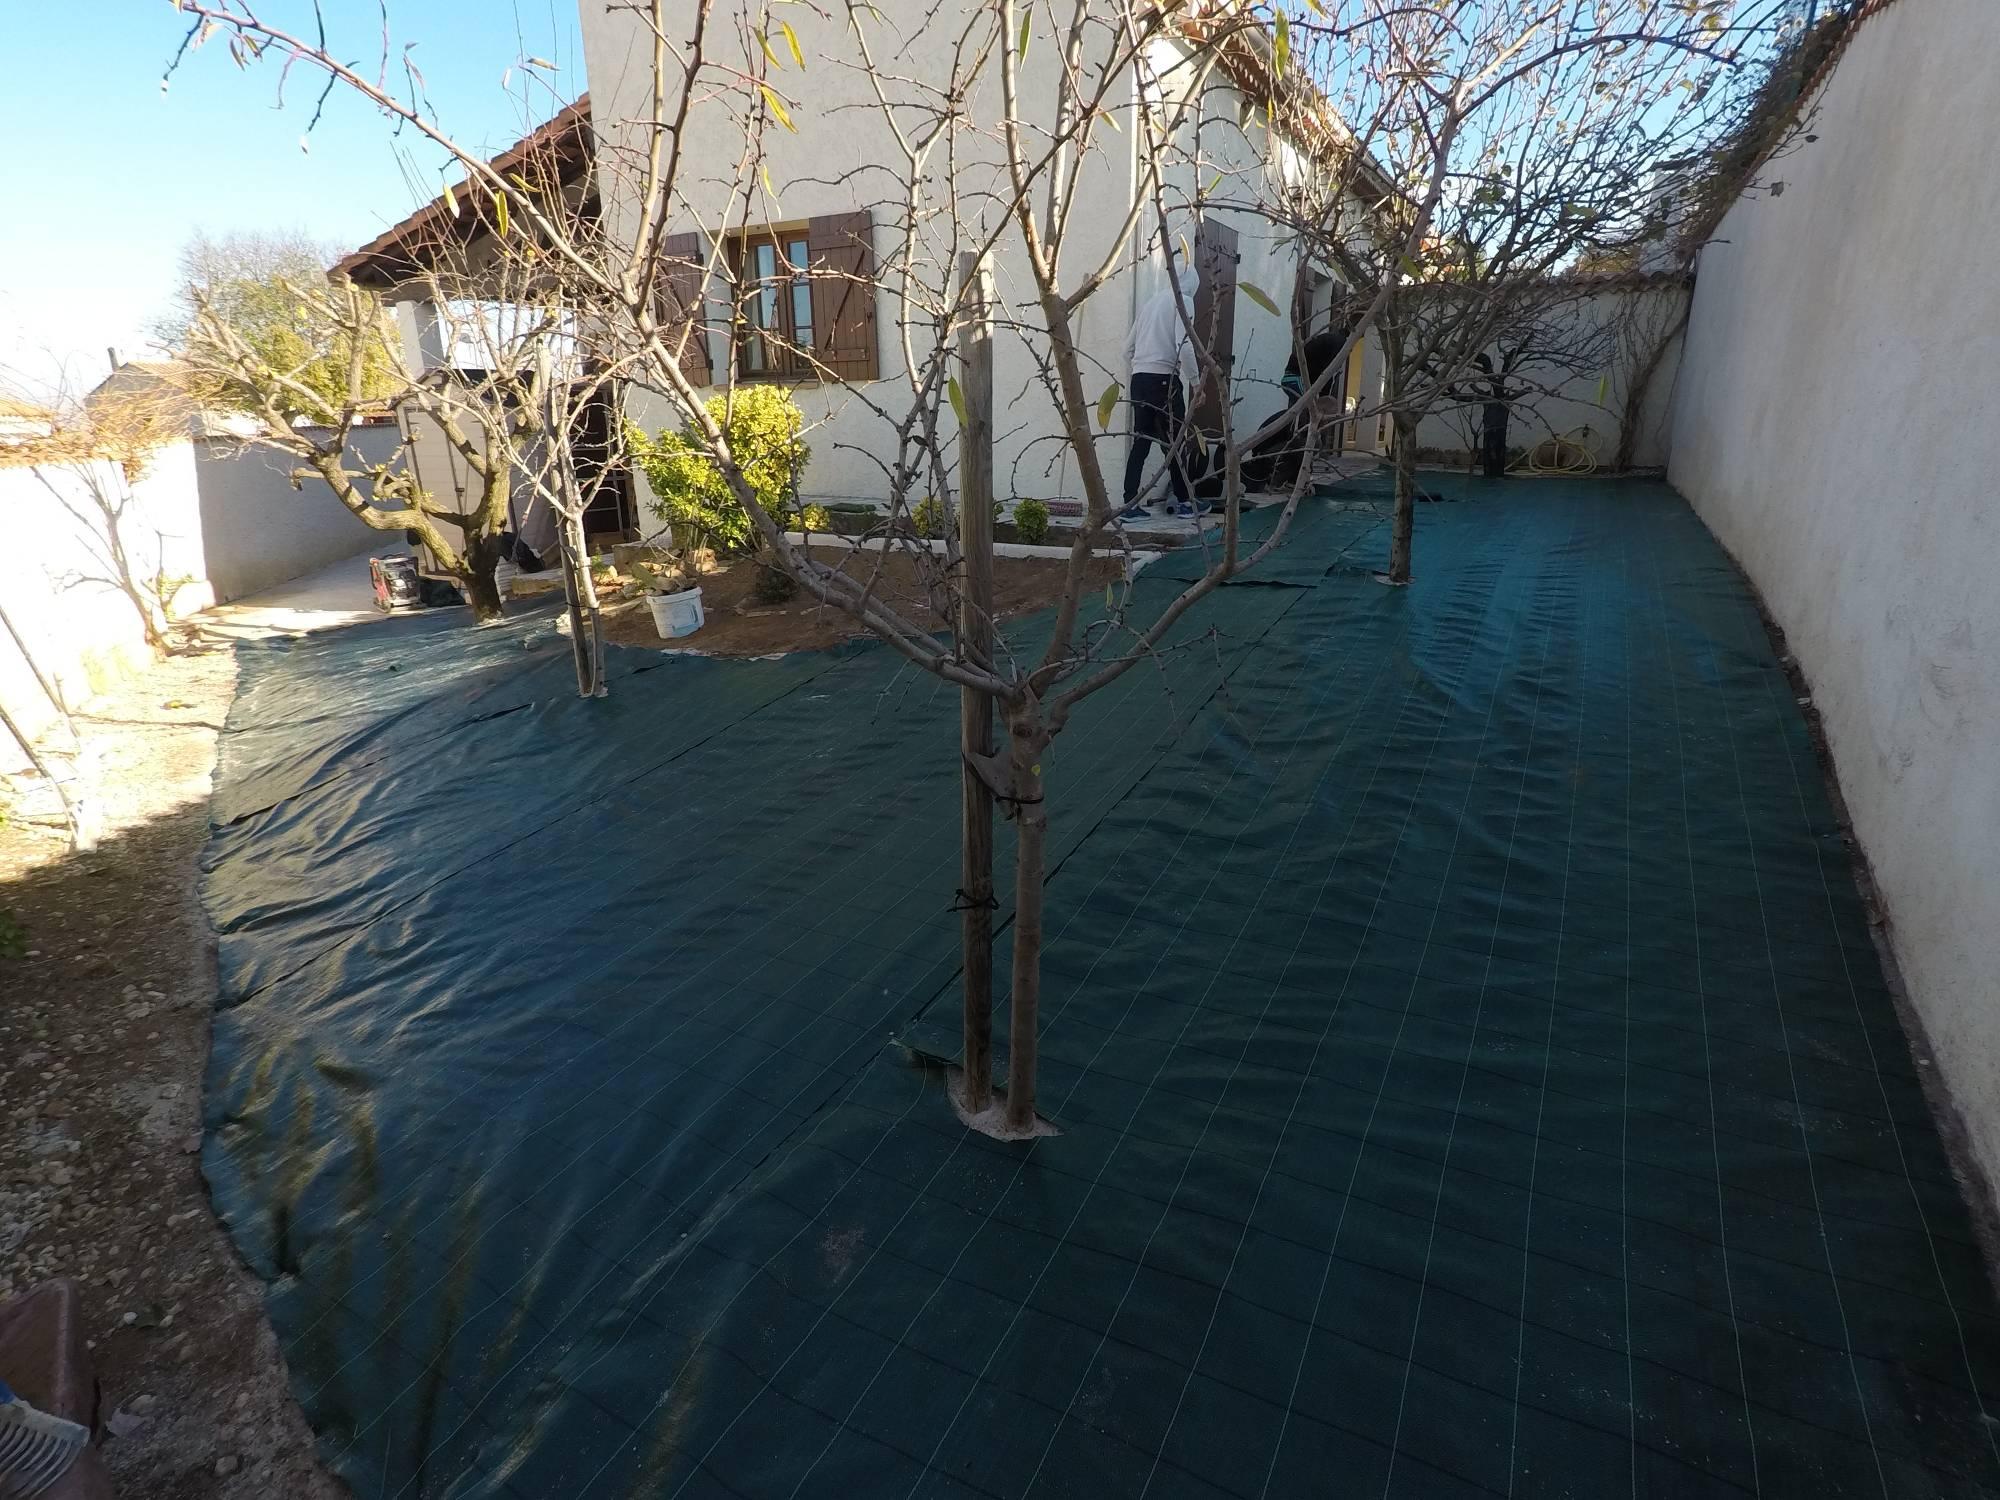 mise en place de geotextile pour gazon synthétique